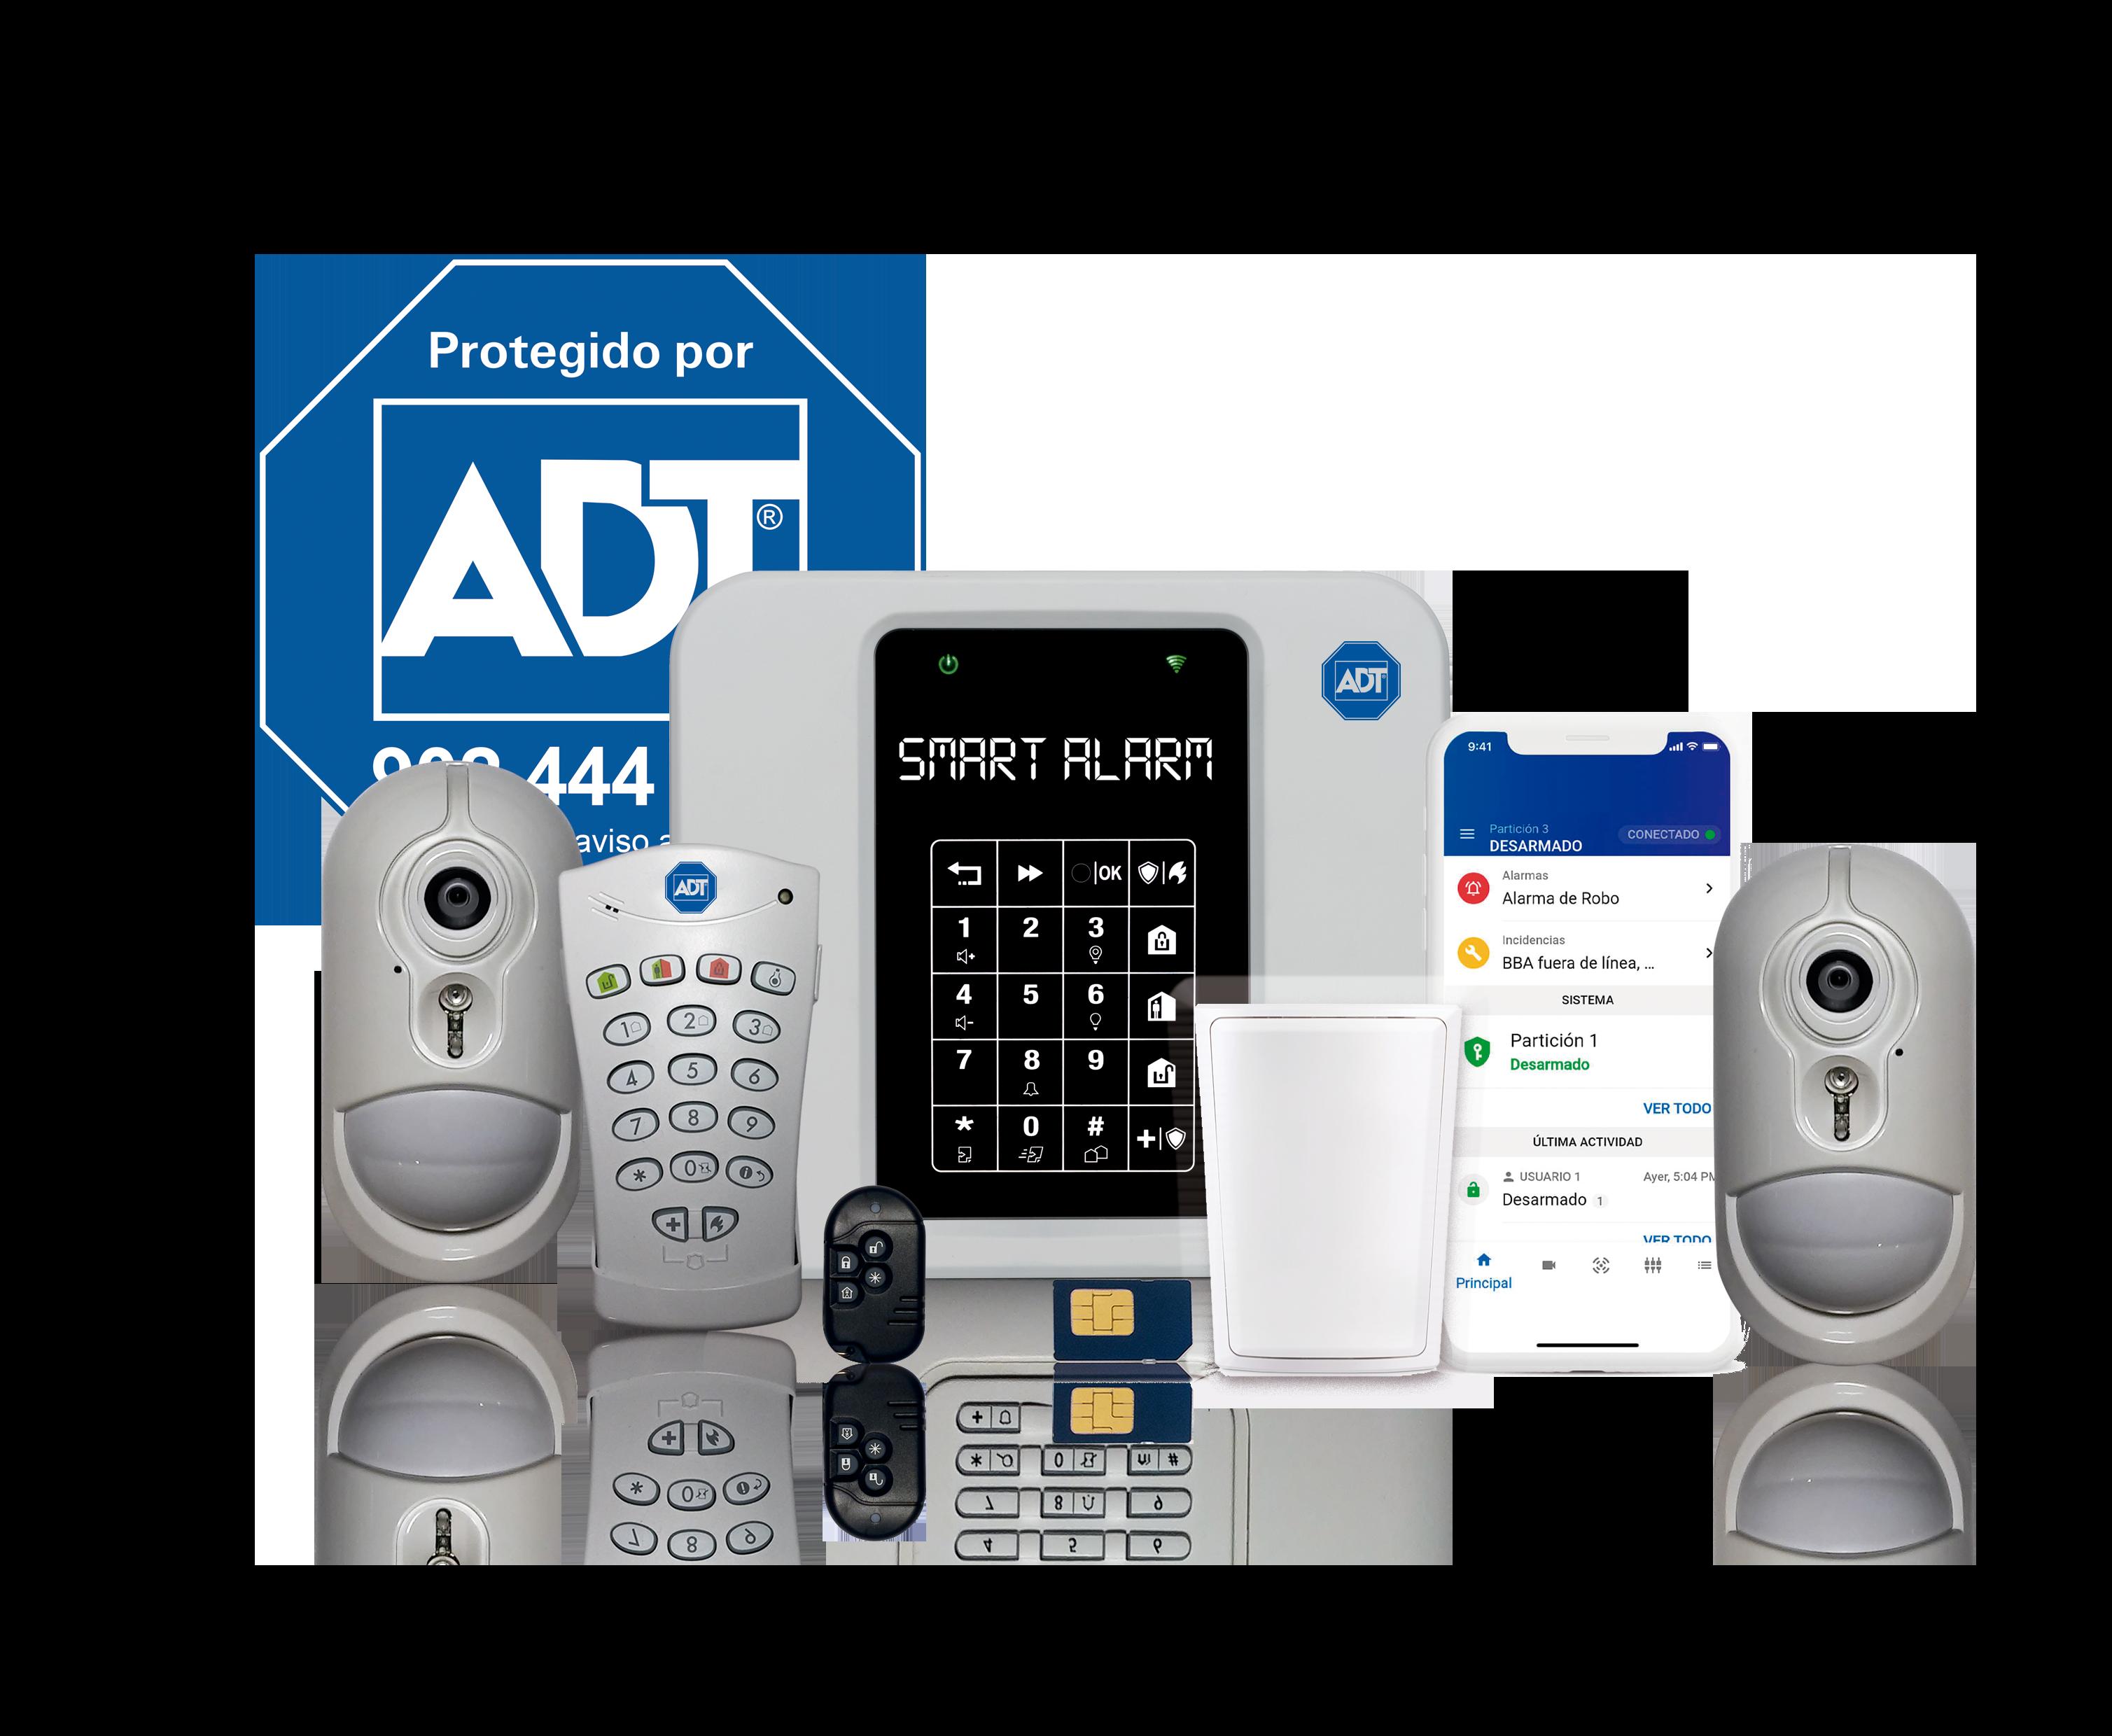 La mejor manera de proteger tu casa y tu familia es instalar un sistema de alarma para el hogar que se adapte a vuestras necesidades.